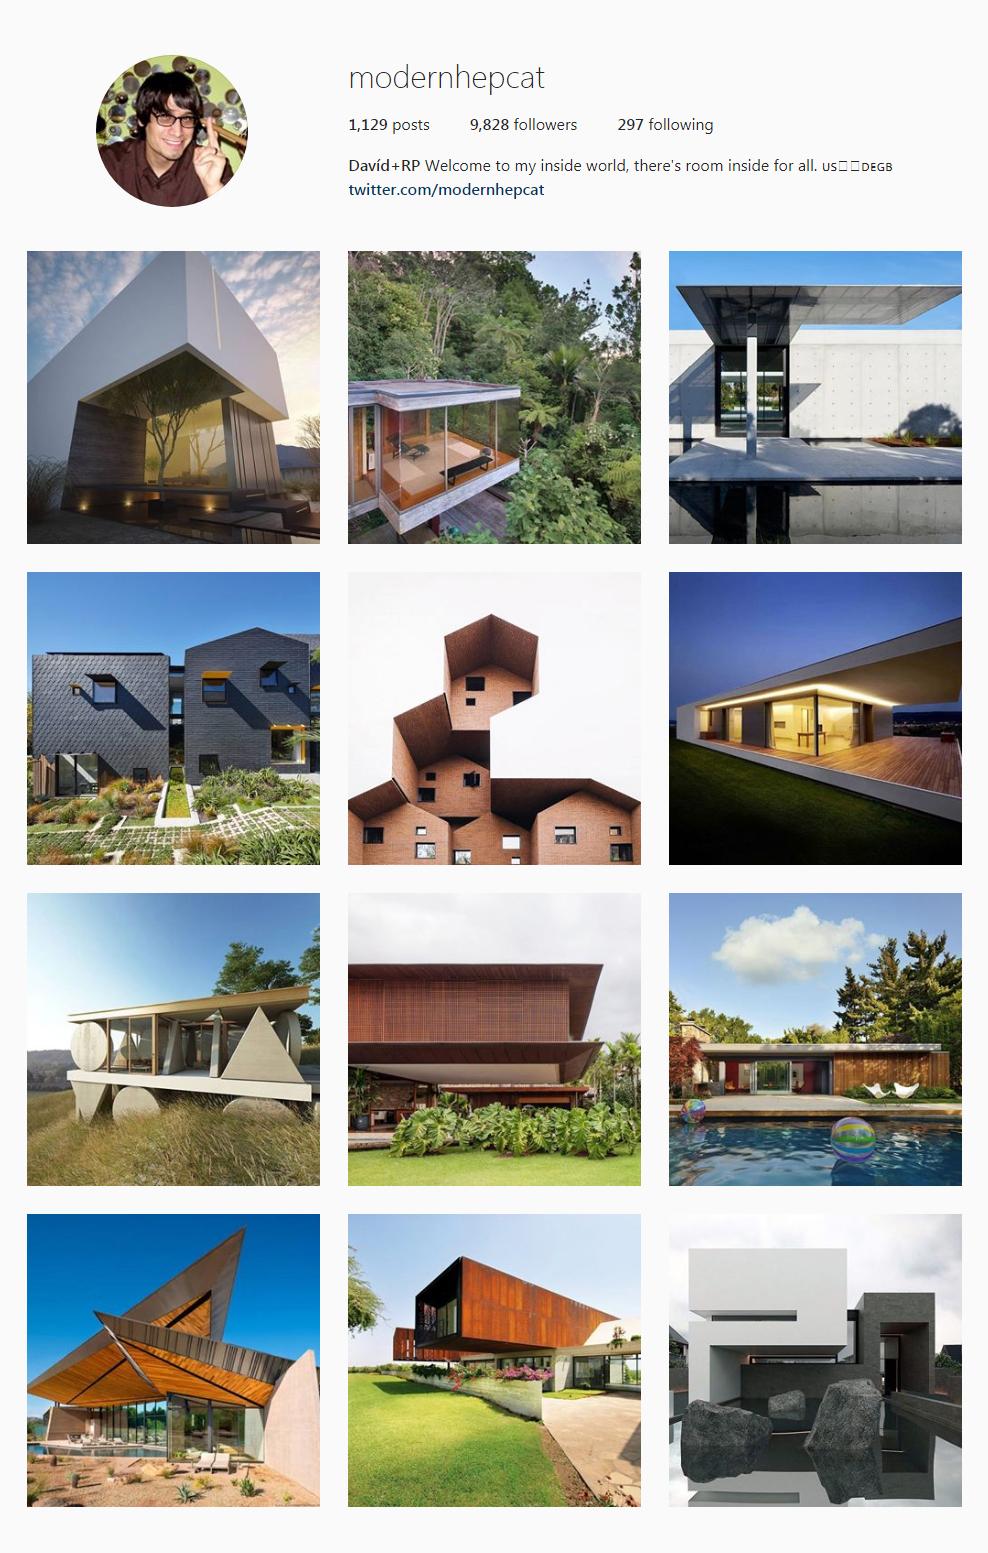 Best Architectural Instagram Feeds of 2017 - modernhepcat